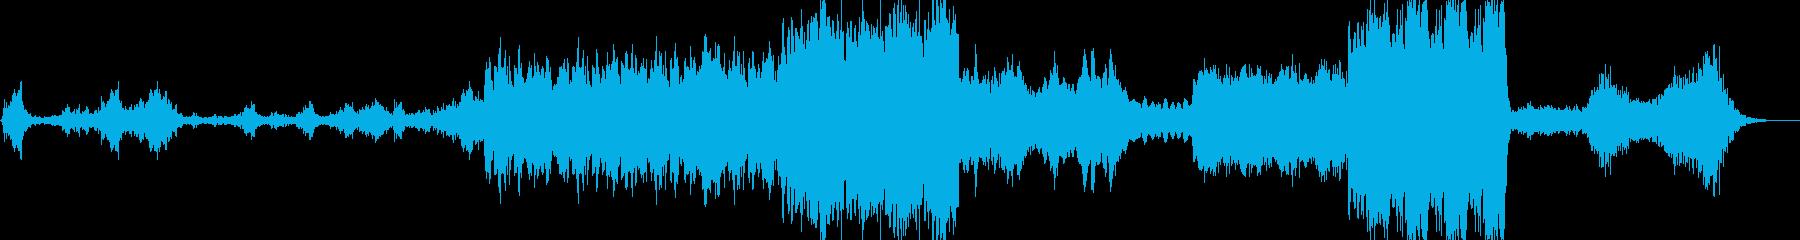 暗いオーケストラとテクノの再生済みの波形